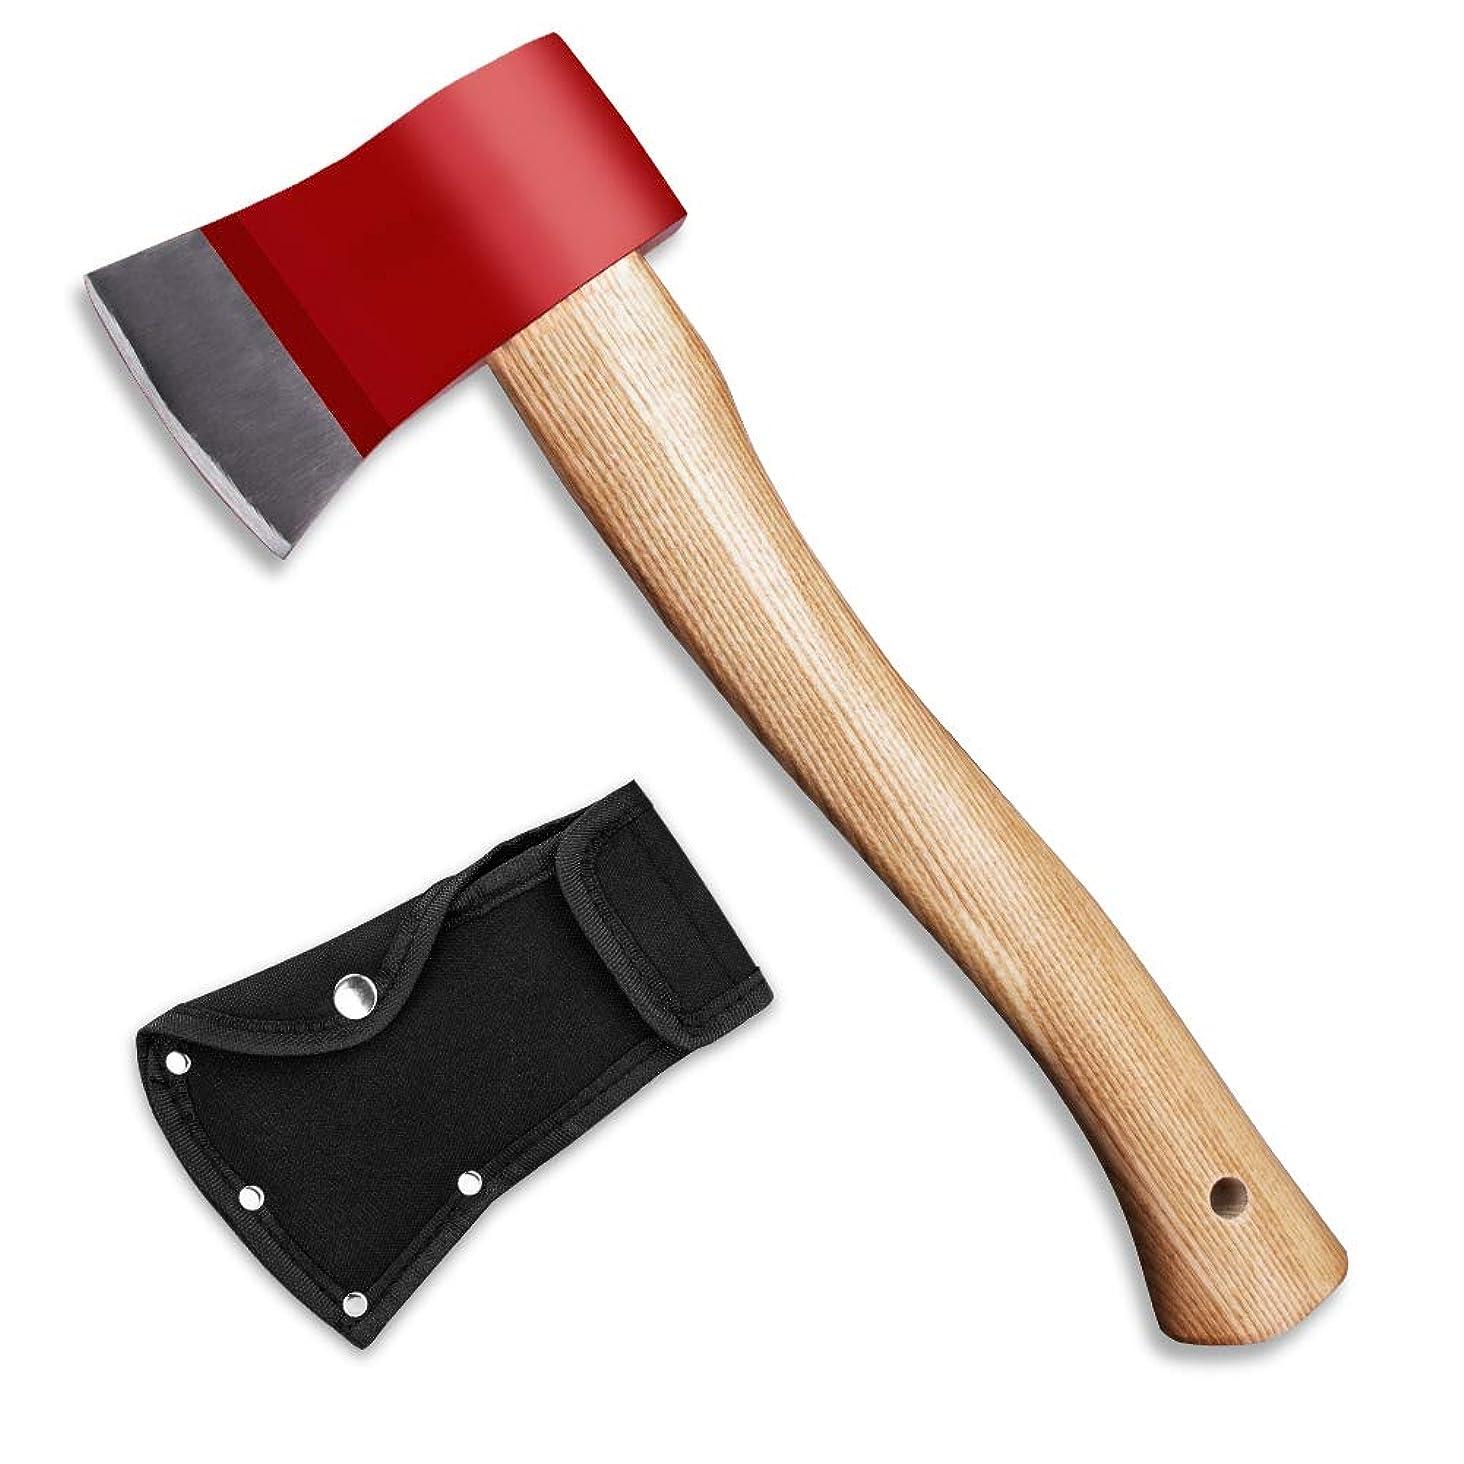 メンタリティ固体振るう斧 Lifinsky 薪割り手斧 鉈 アウトドア用品 研ぎが必要 キャンプ用品 釣り 山歩き 保護ケース付き